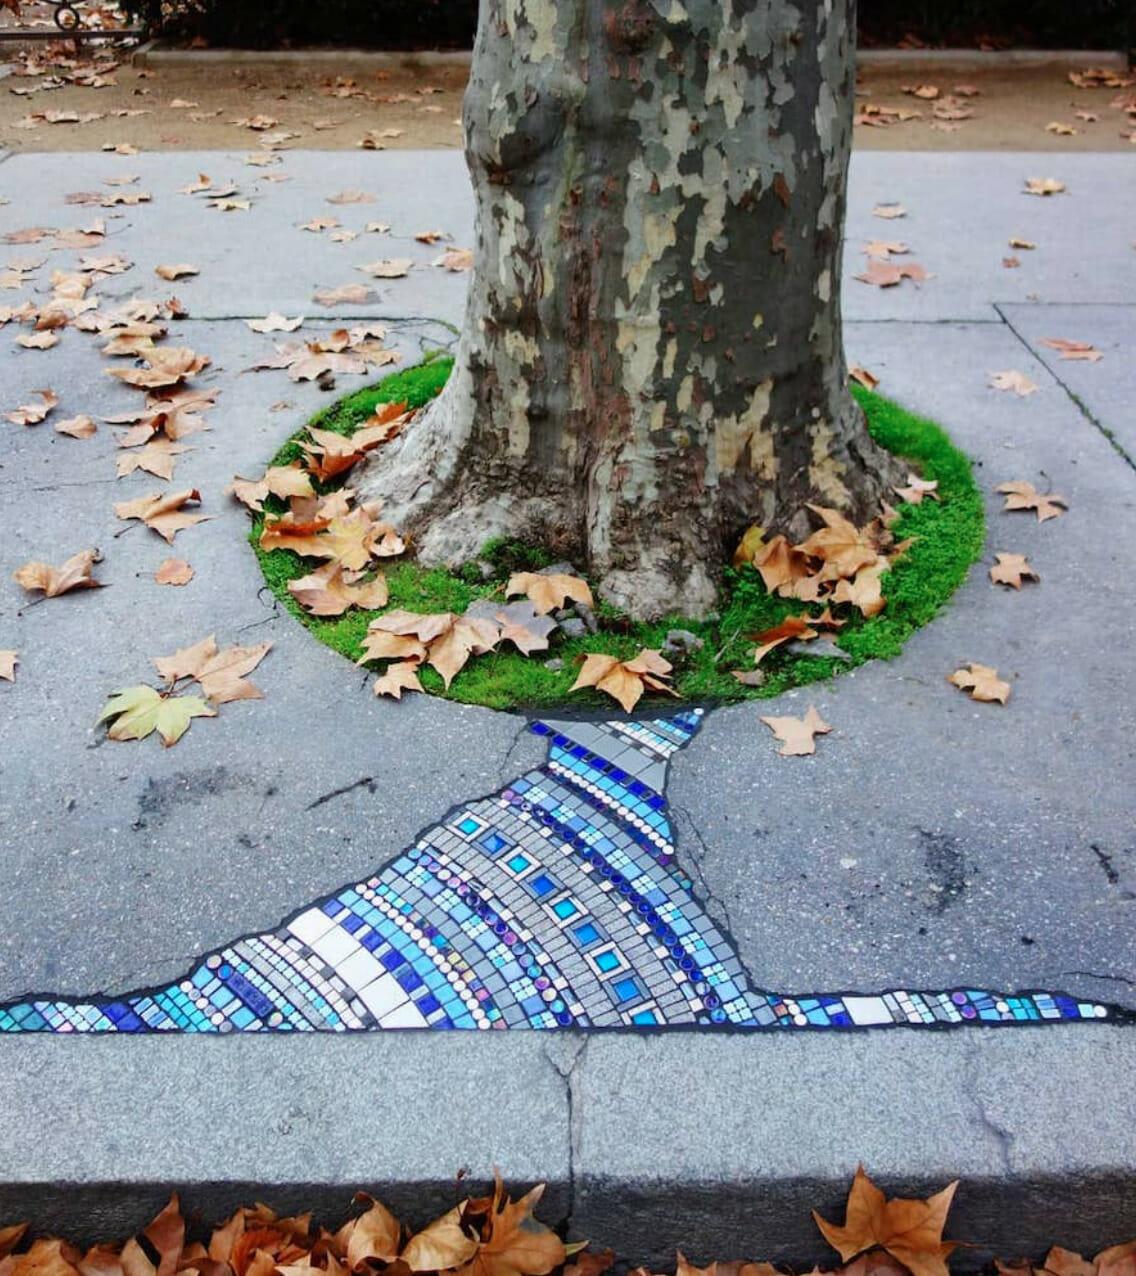 Itinéraire au cœur du Street-art lyonnais : 3 quartiers à découvrir 8